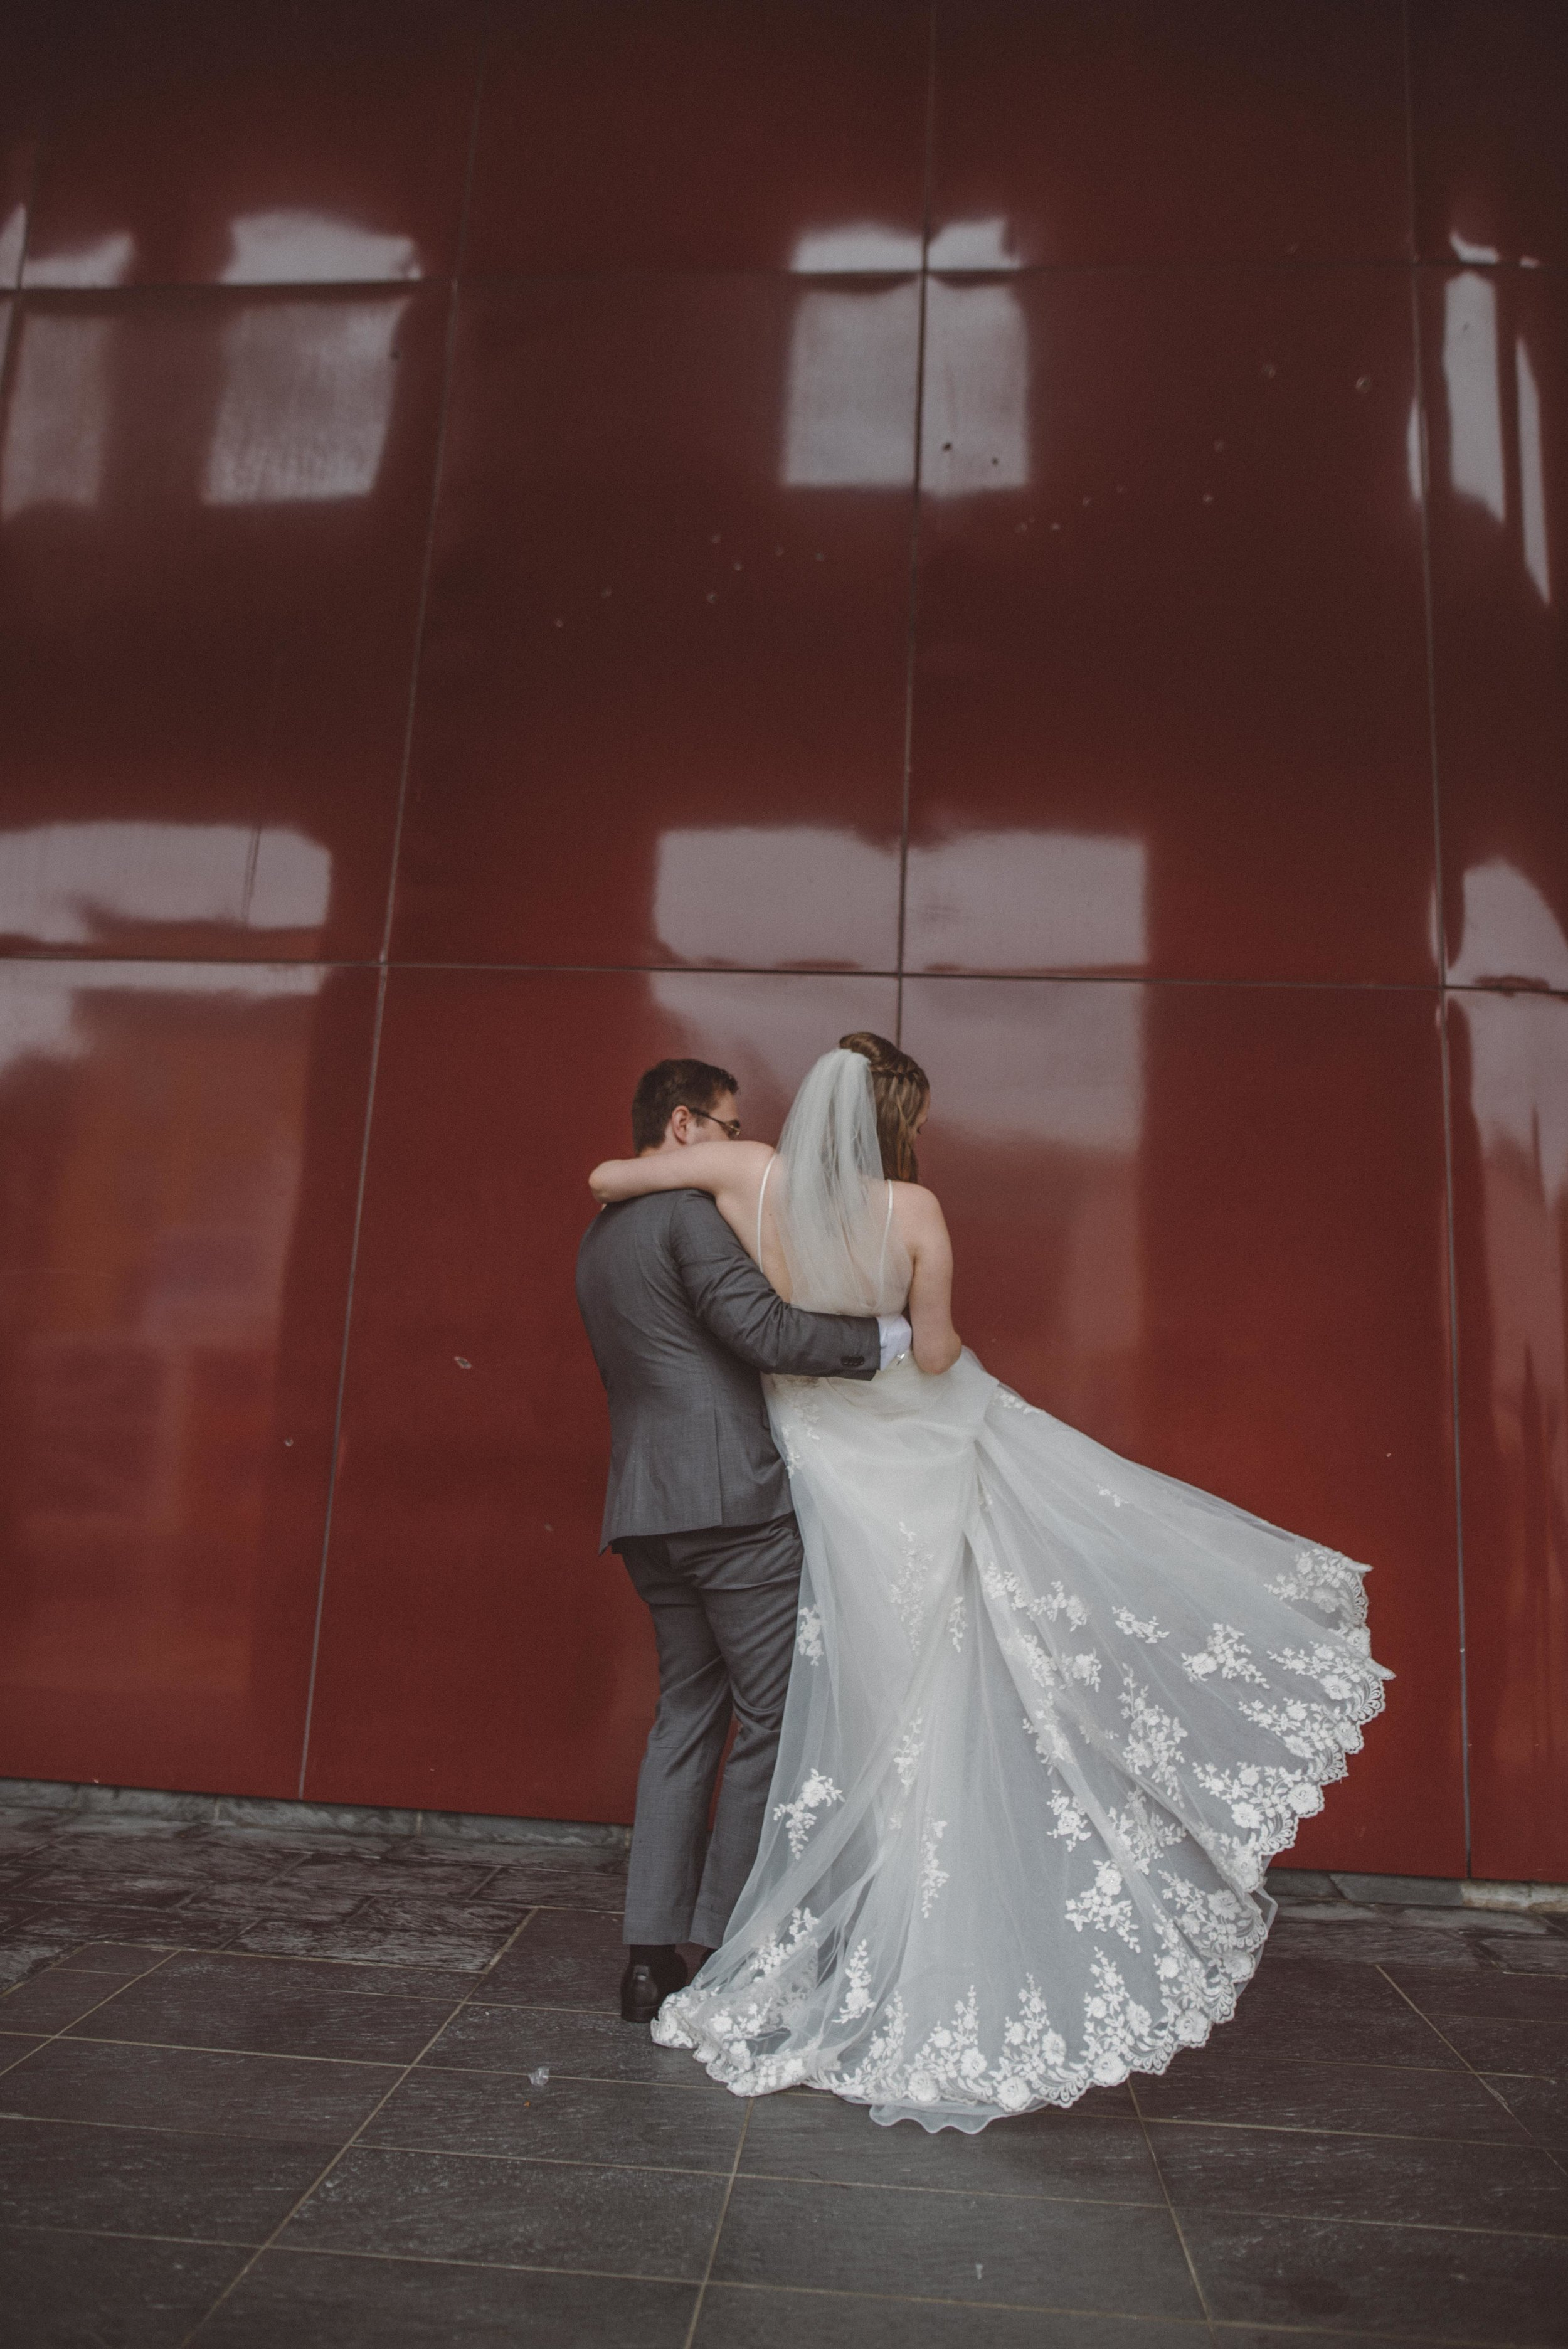 wedding_photographer_lifestyle_documentary_photographe_ottawa_gatineau-16.jpg